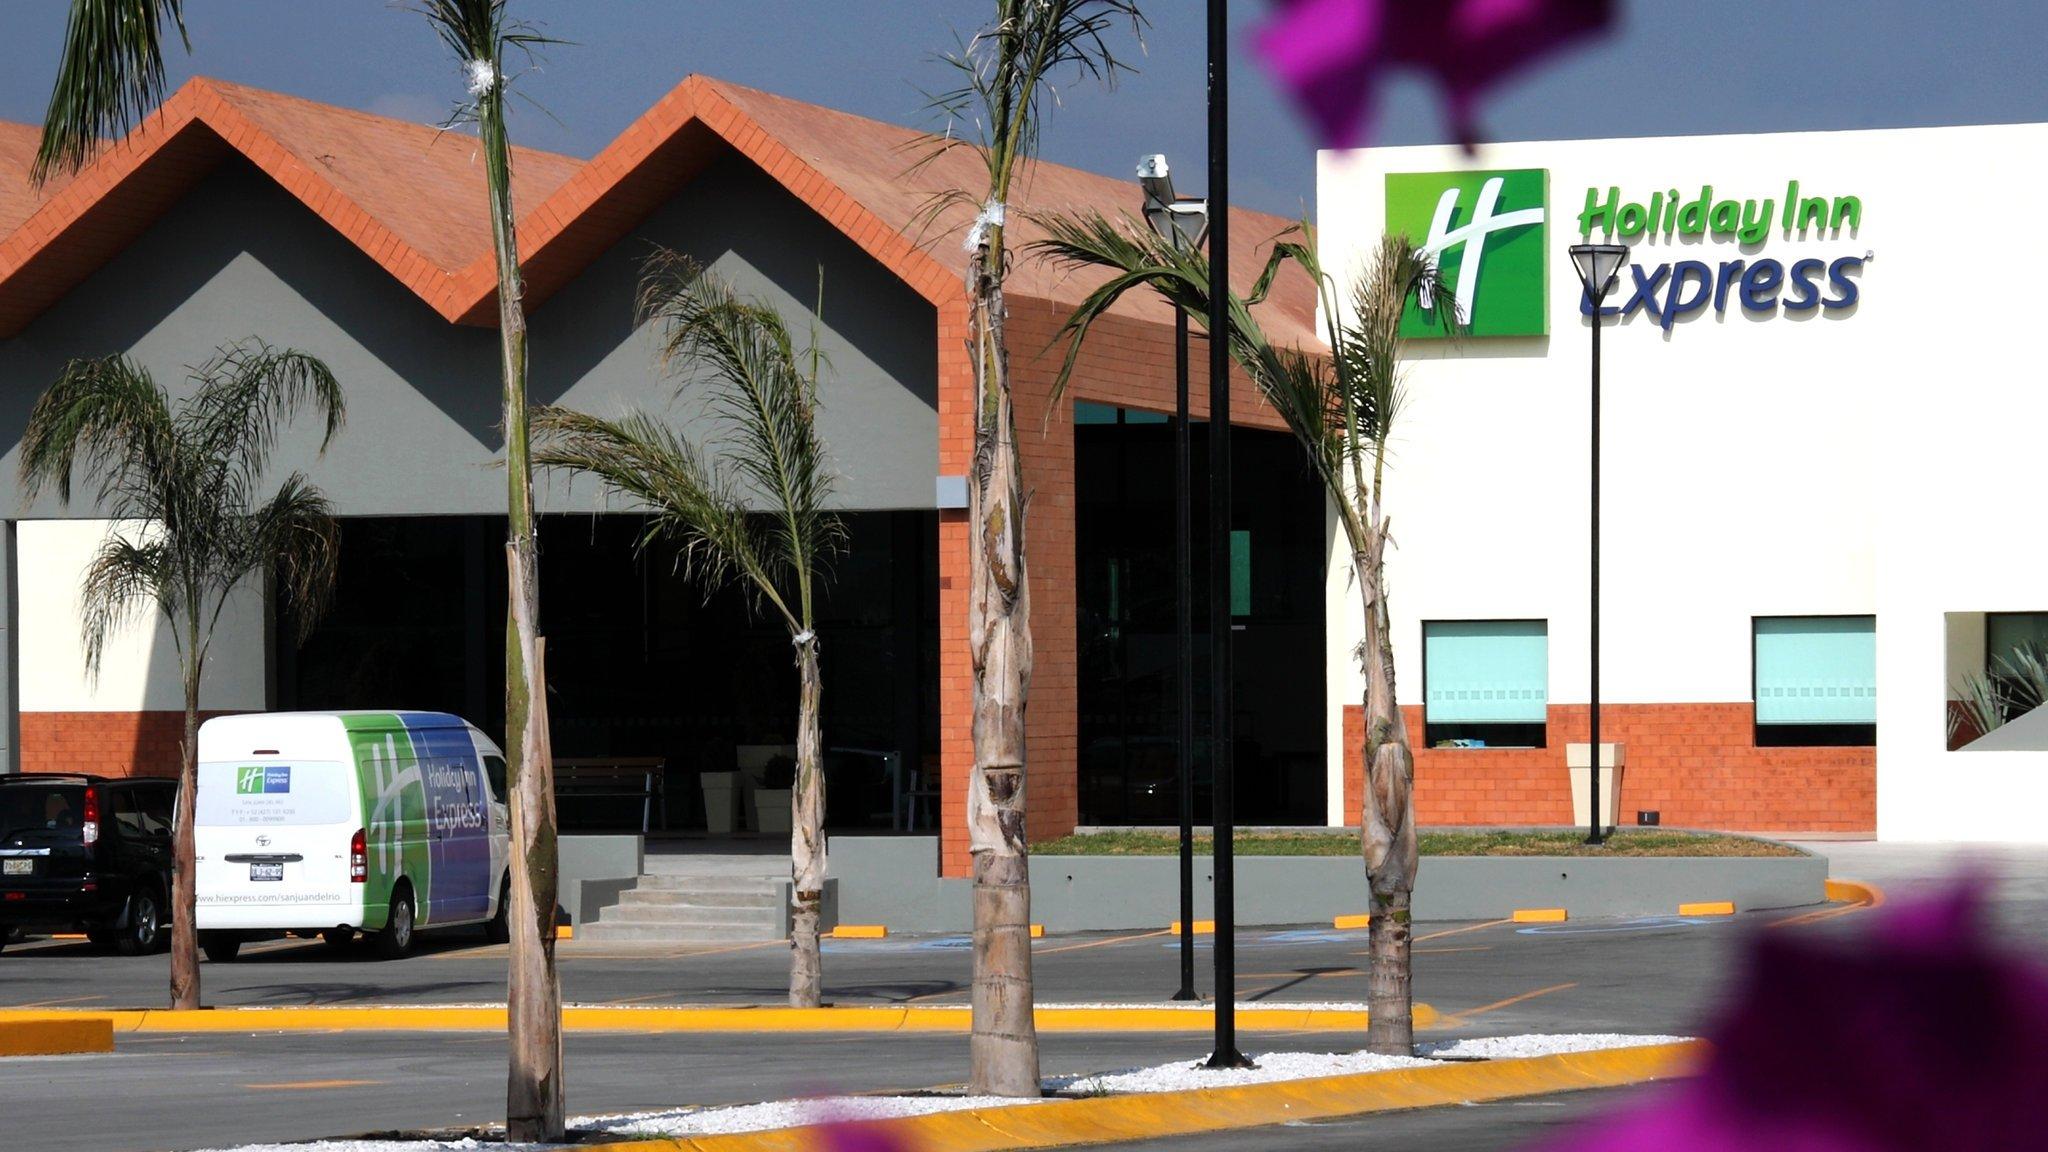 ホリデ イン エキスプレス サン フアン デル リオ ホテル